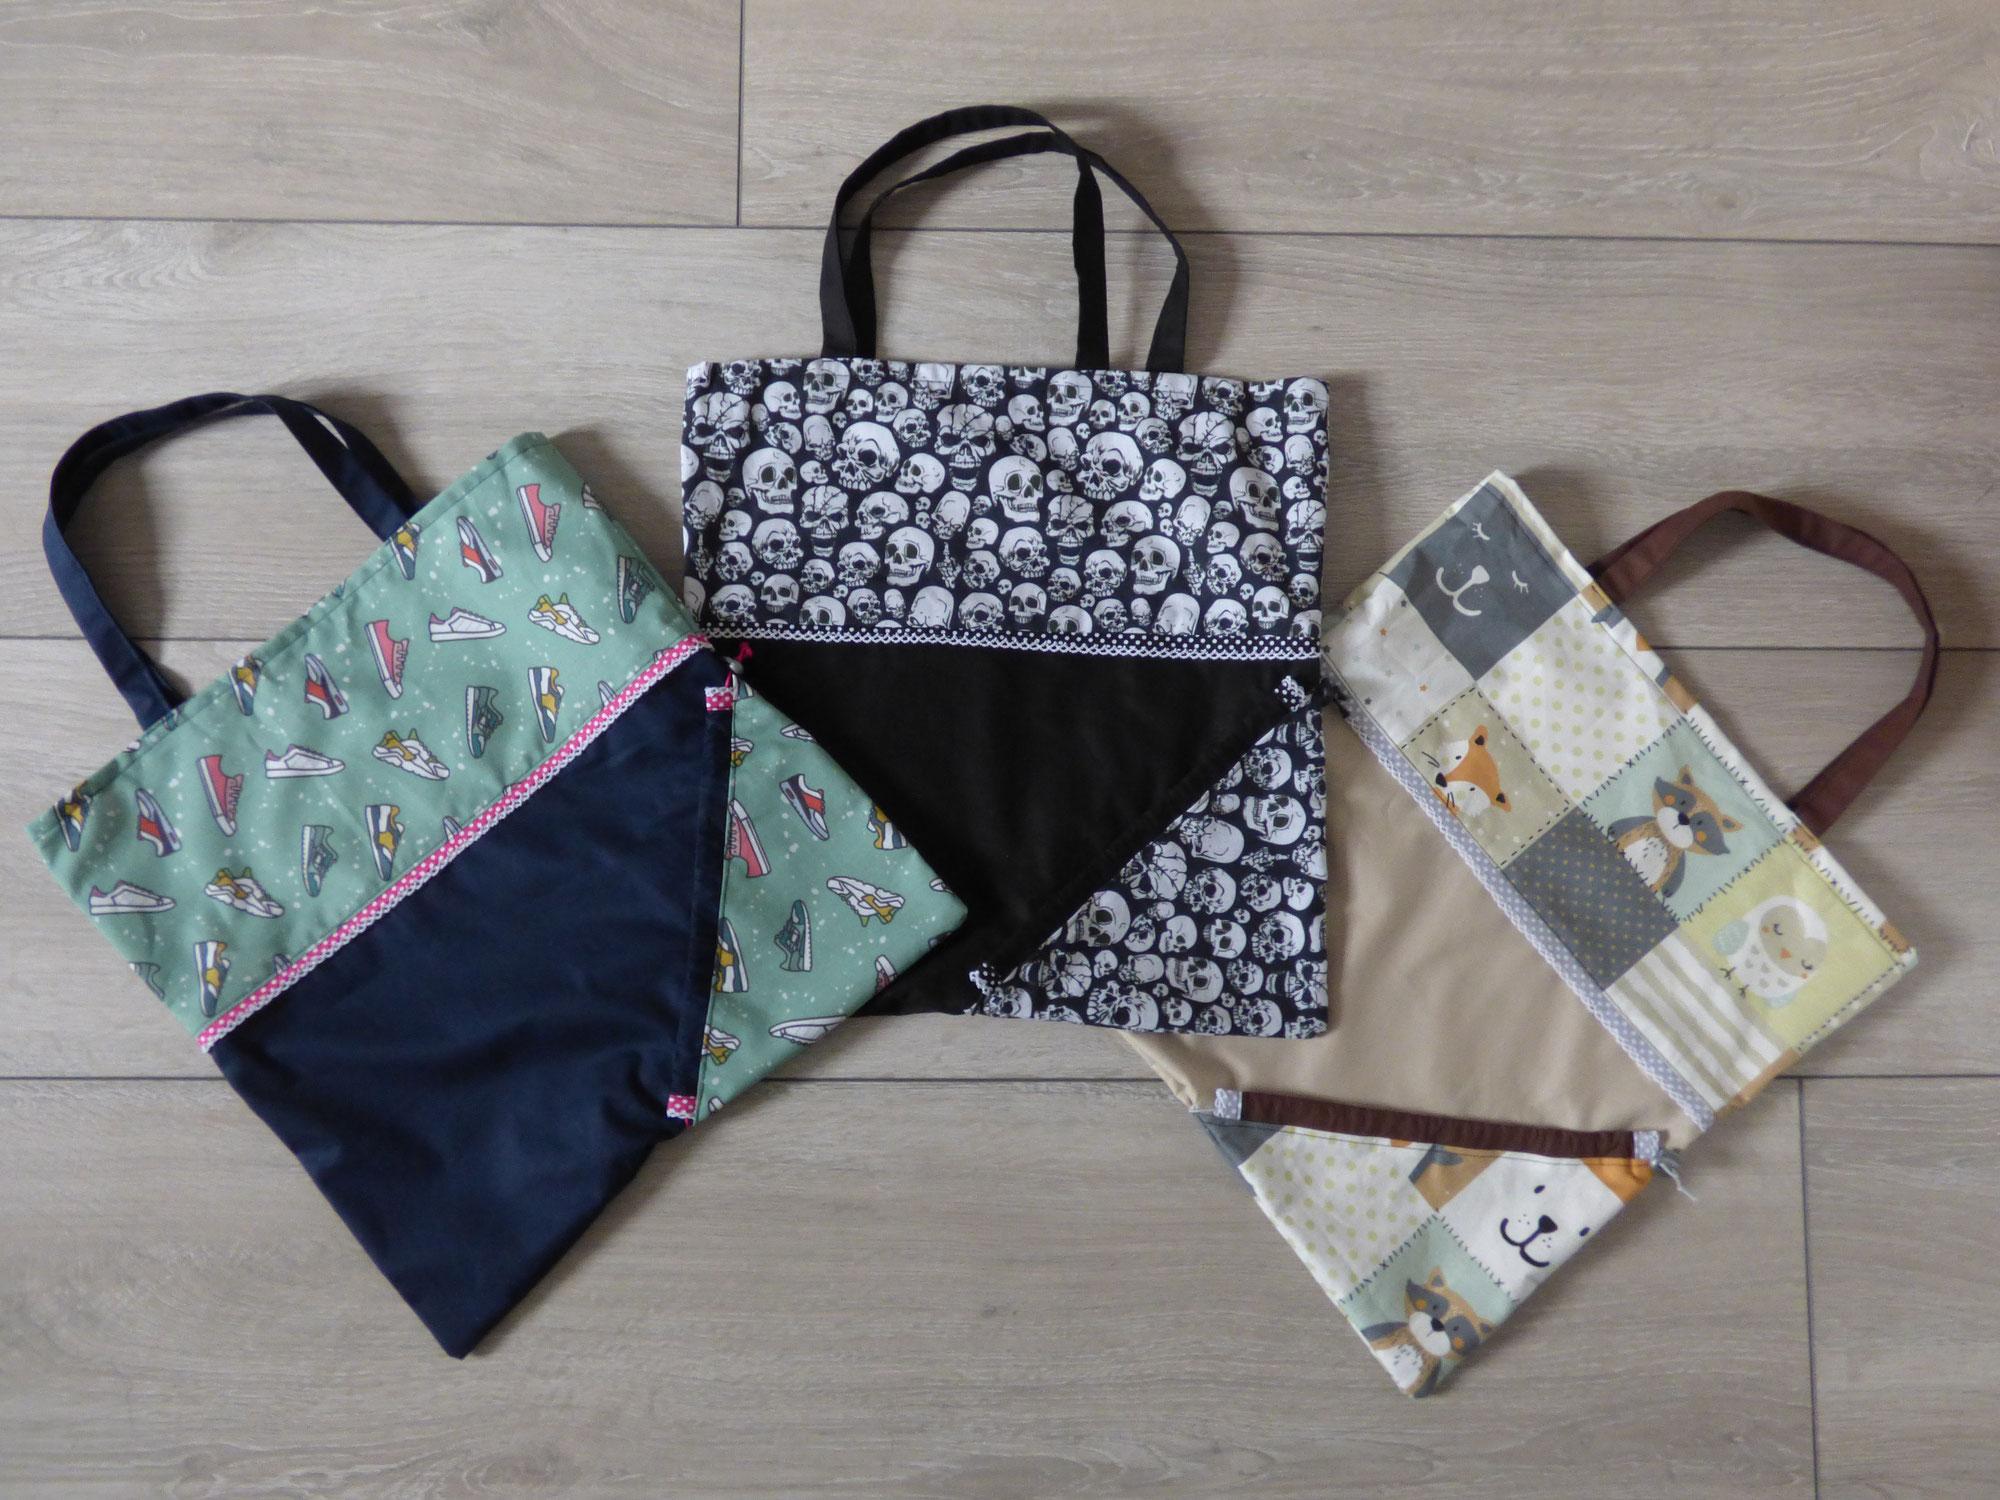 Freebook mit Suchtpotential: Faltbare Einkaufstasche